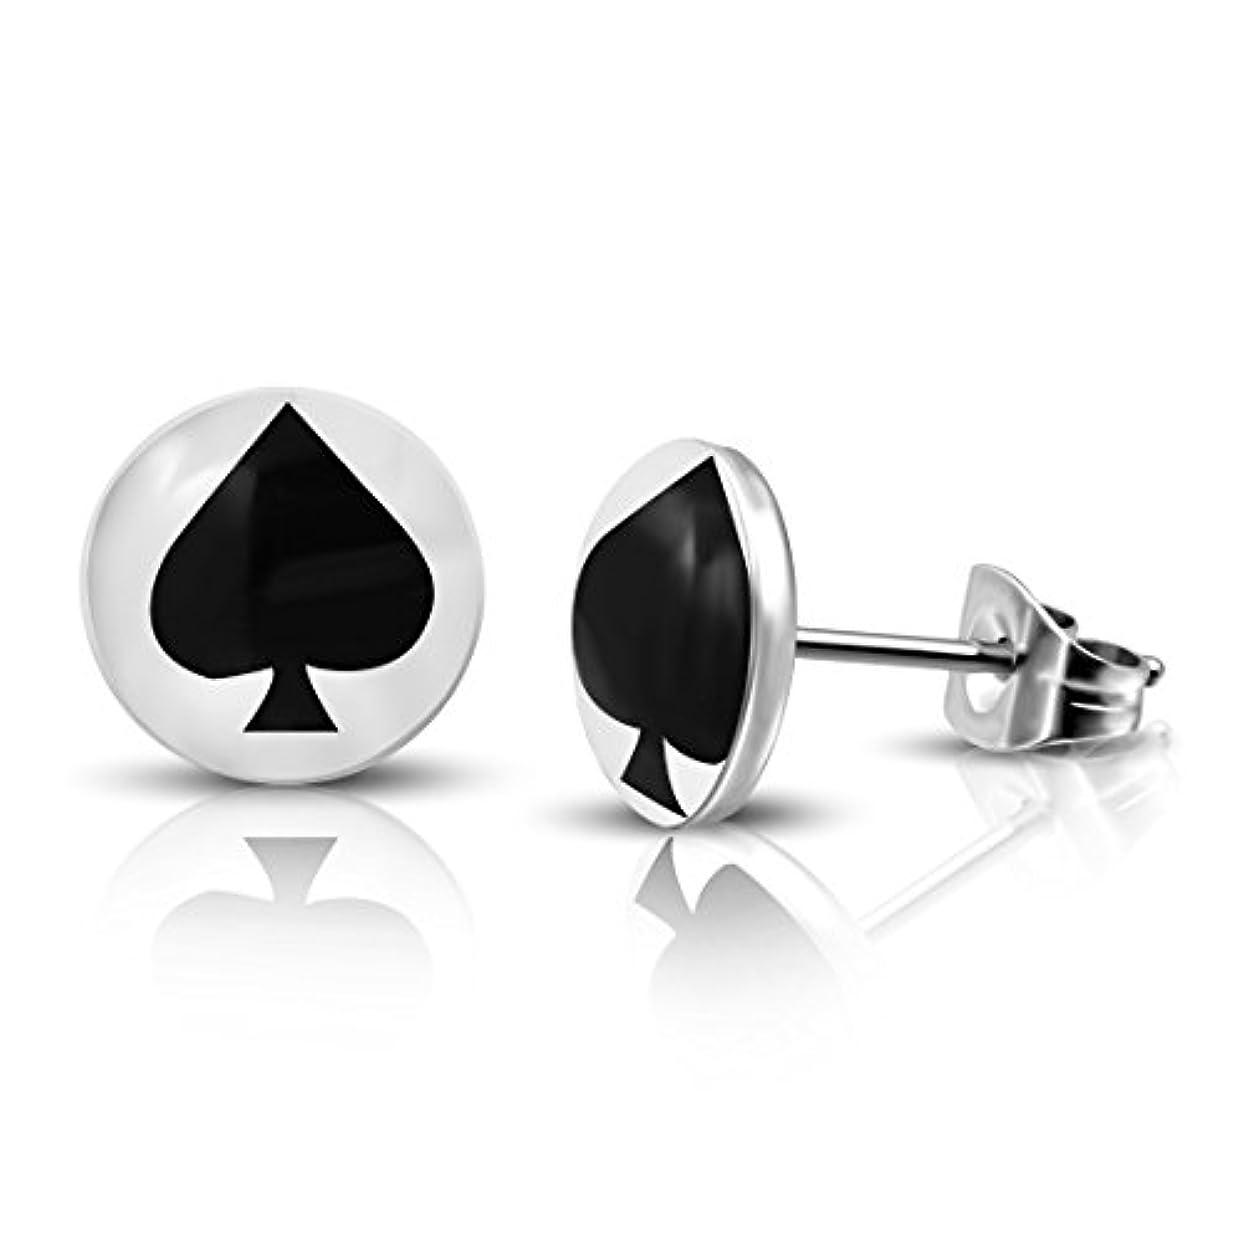 ラビリンスハーフオフステンレススチール3-tone Ace of Spades円スタッドイヤリング(ペア)